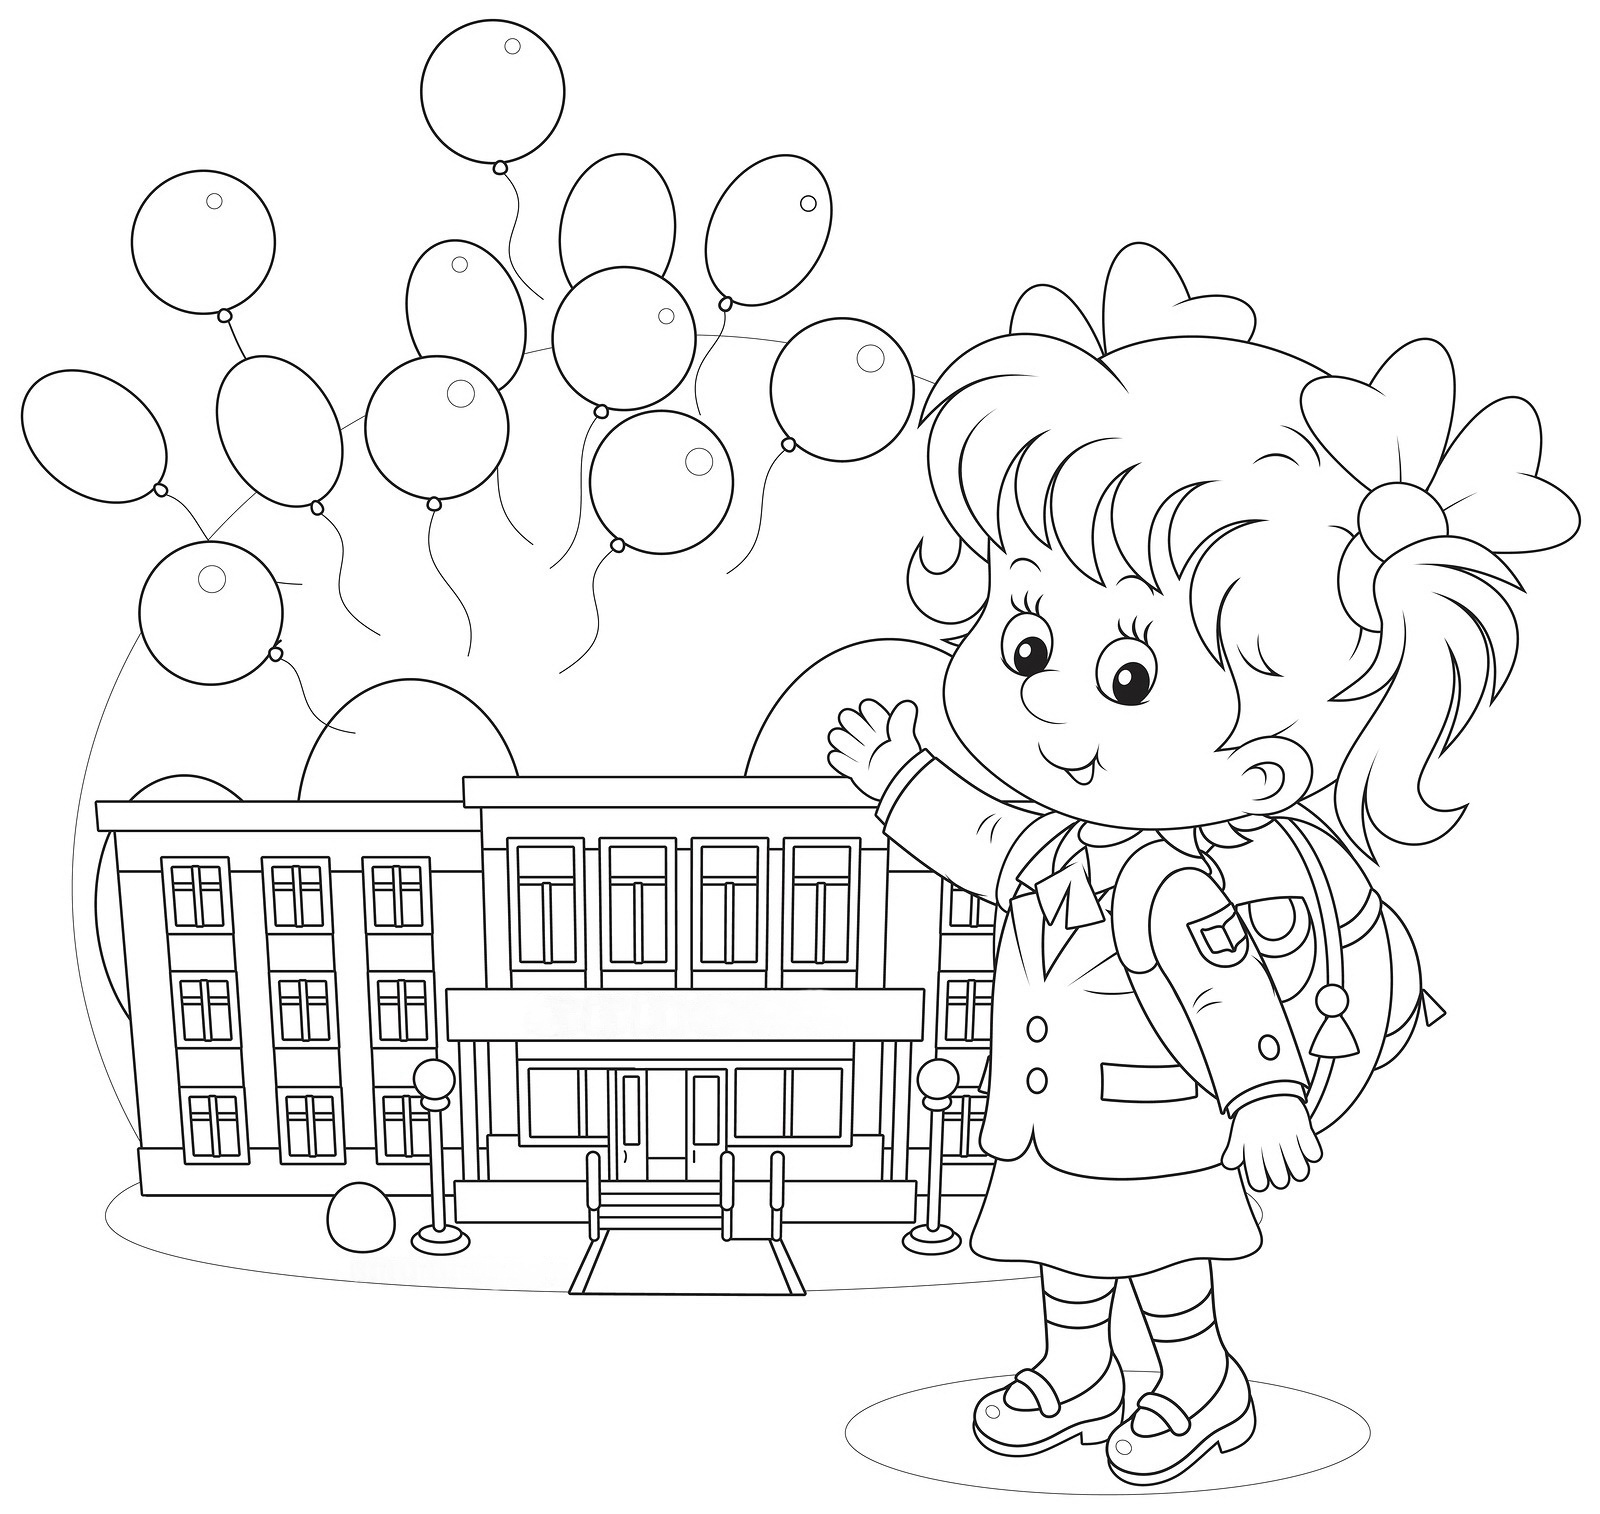 Раскраска к дню рождения школы